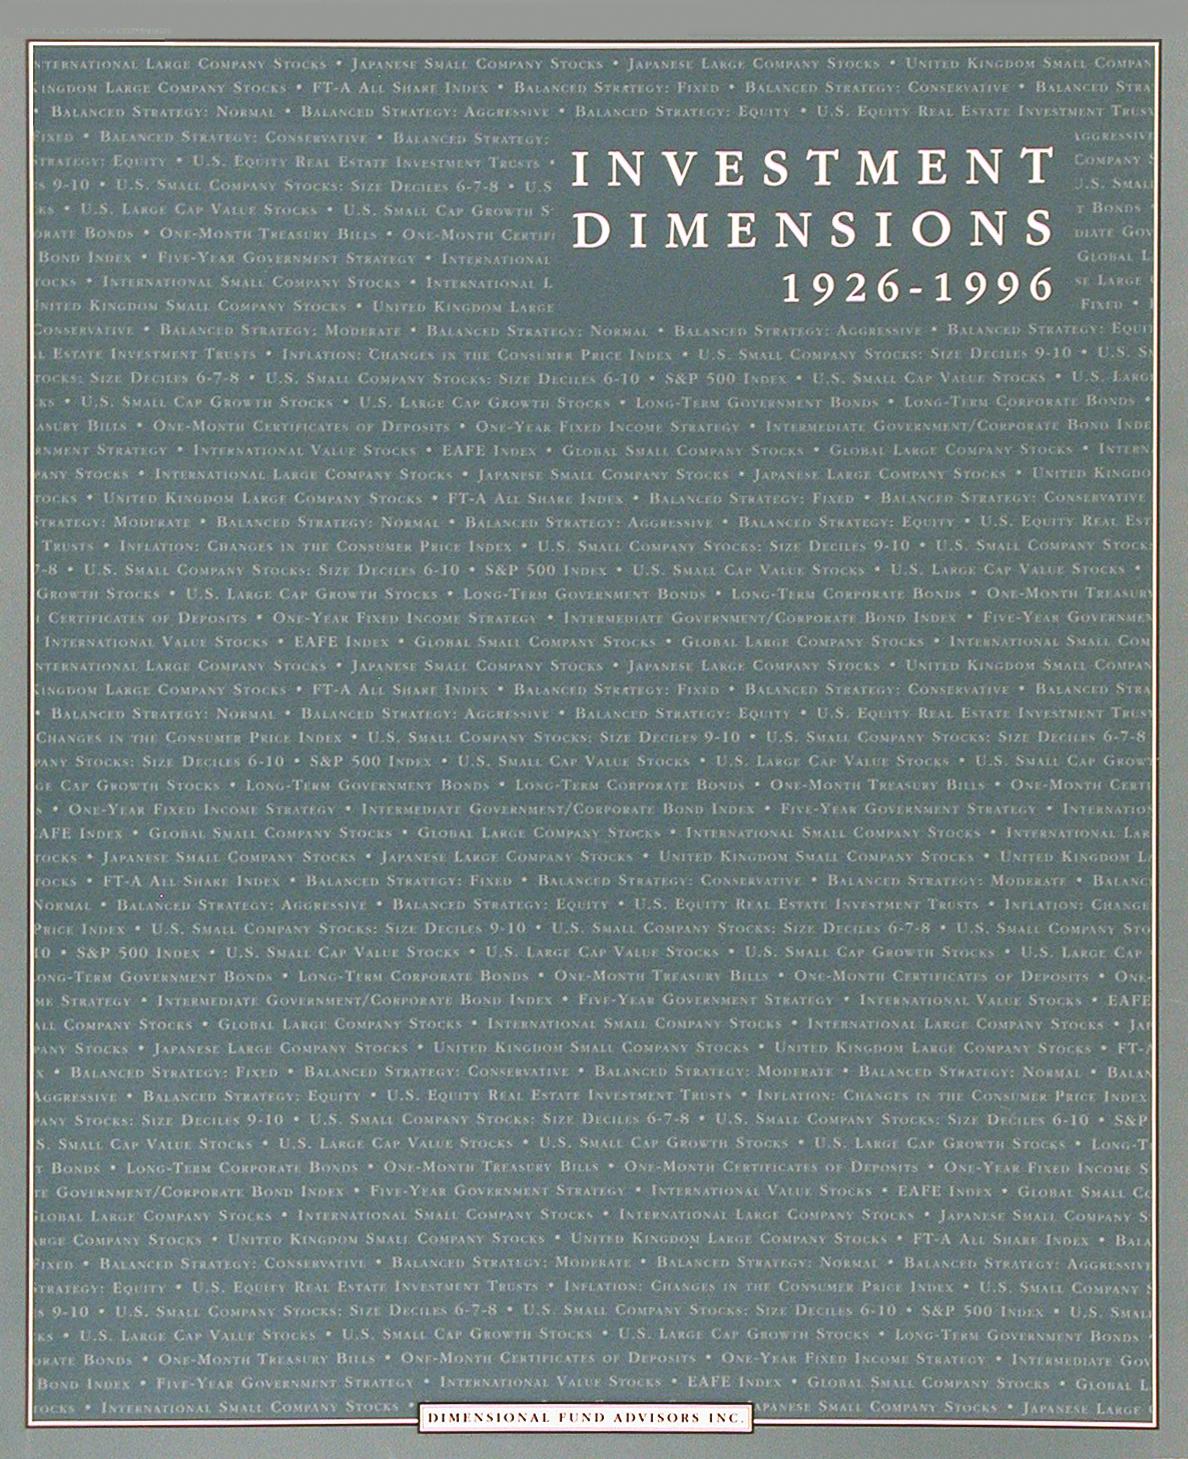 DFA Matrix Book 1996